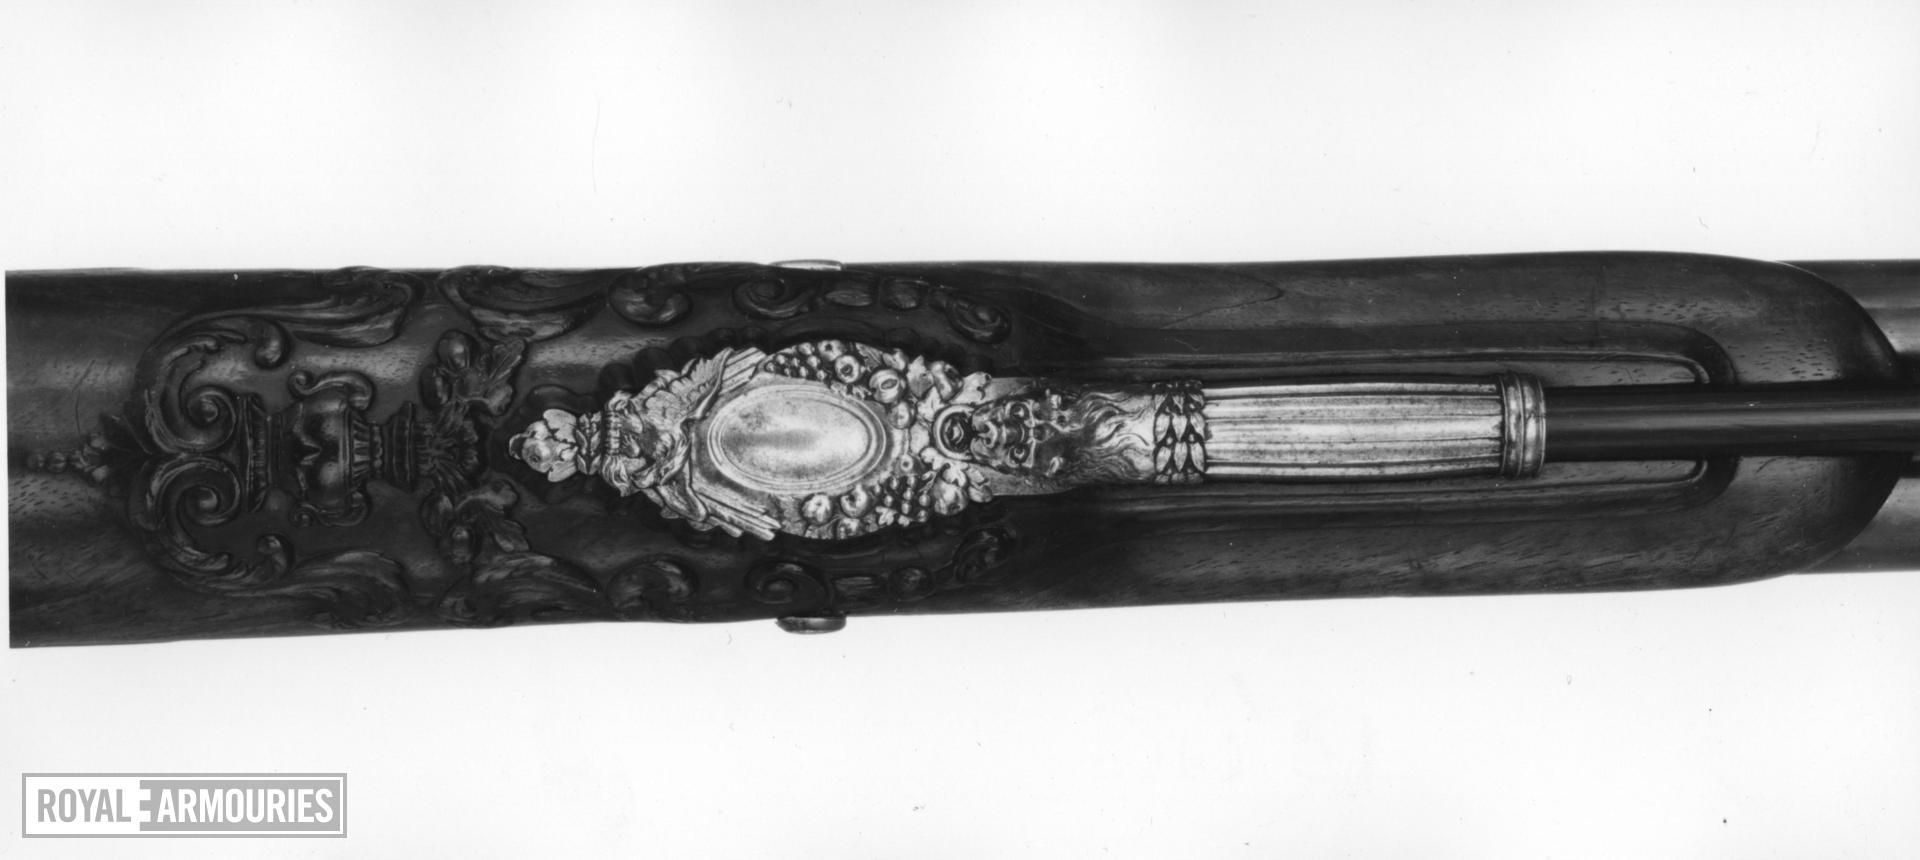 Flintlock muzzle-loading double-barrelled gun - By Nicholas